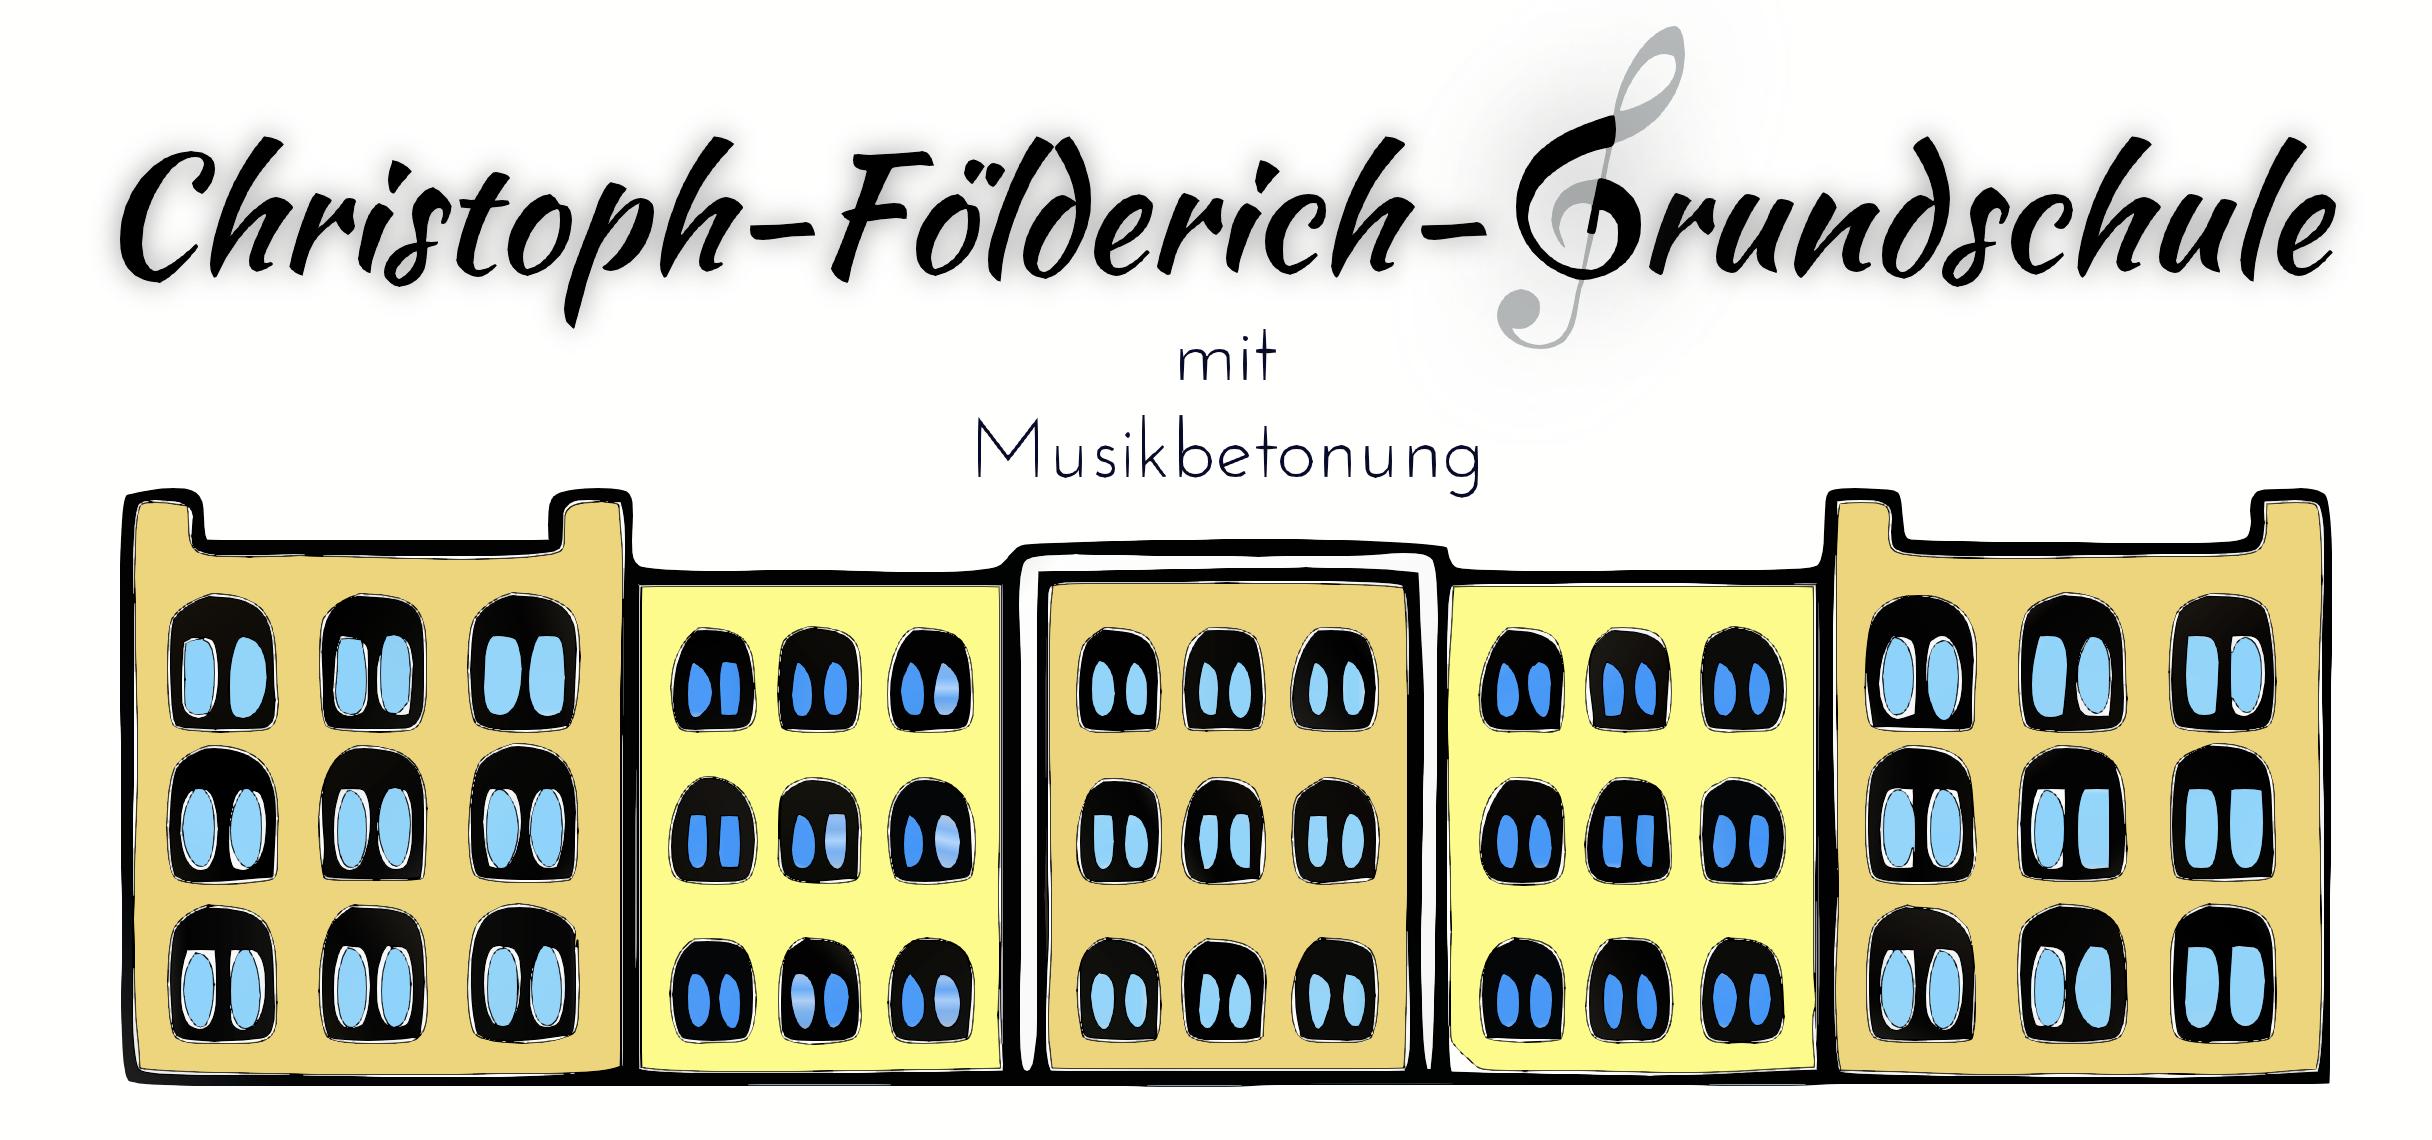 Christoph-Földerich-Grundschule